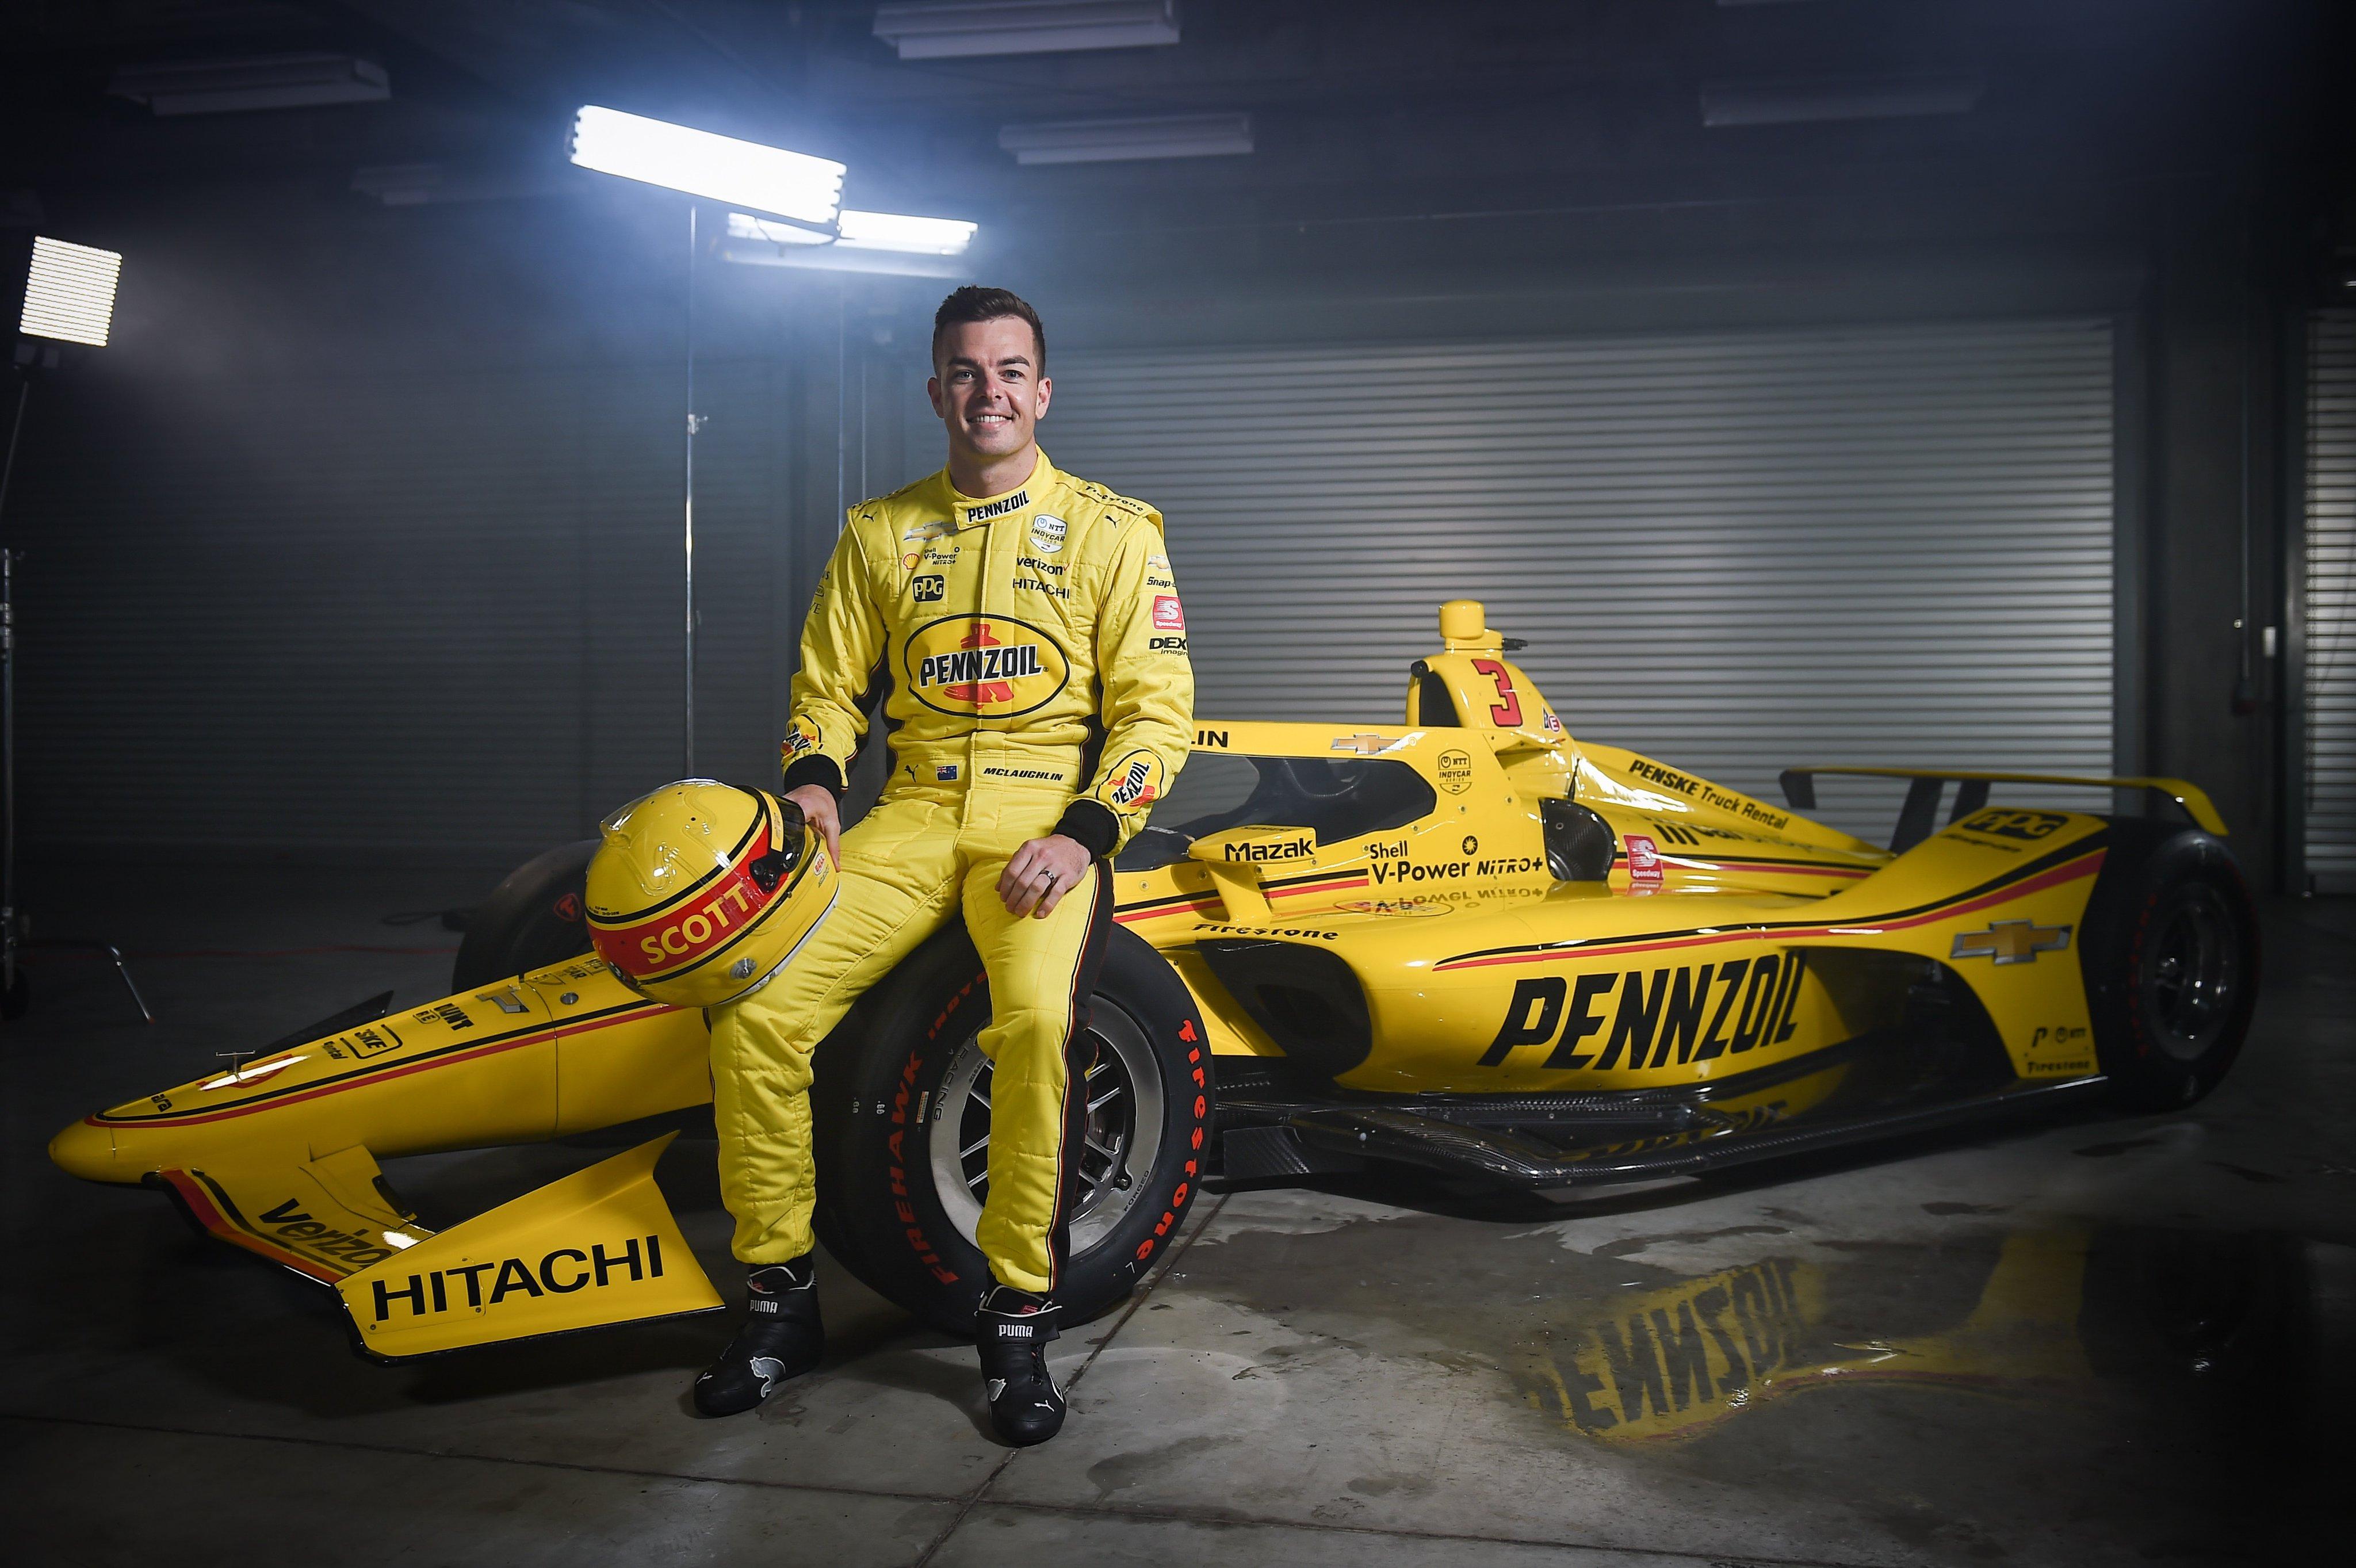 McLaughlin a sárga tengeralattjáróban vág neki az Indy 500-nak